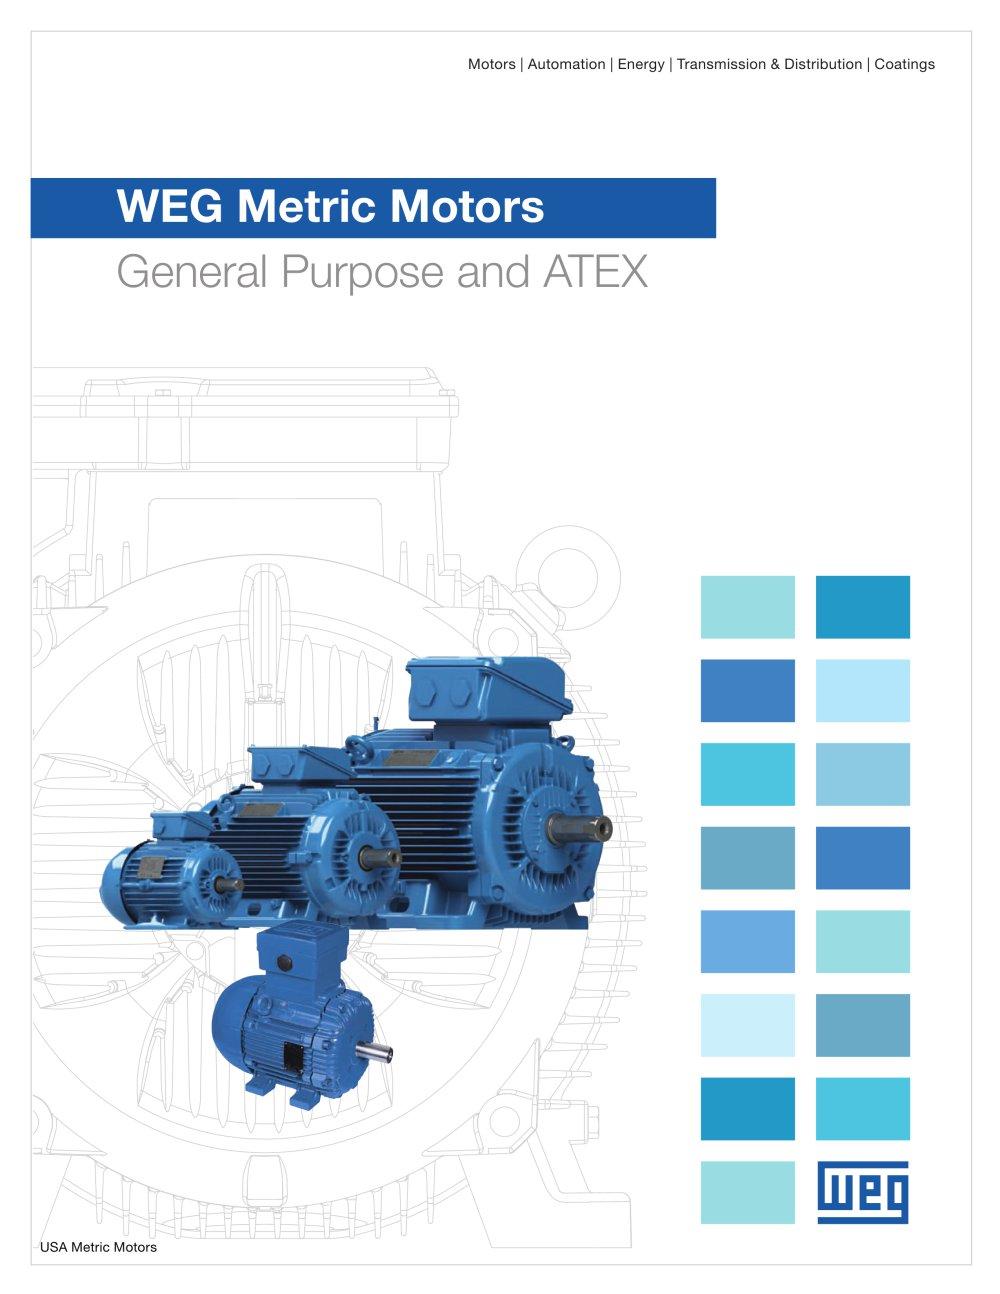 WEG Metric Motors - General Purpose and ATEX - Weg Electric Motors ...